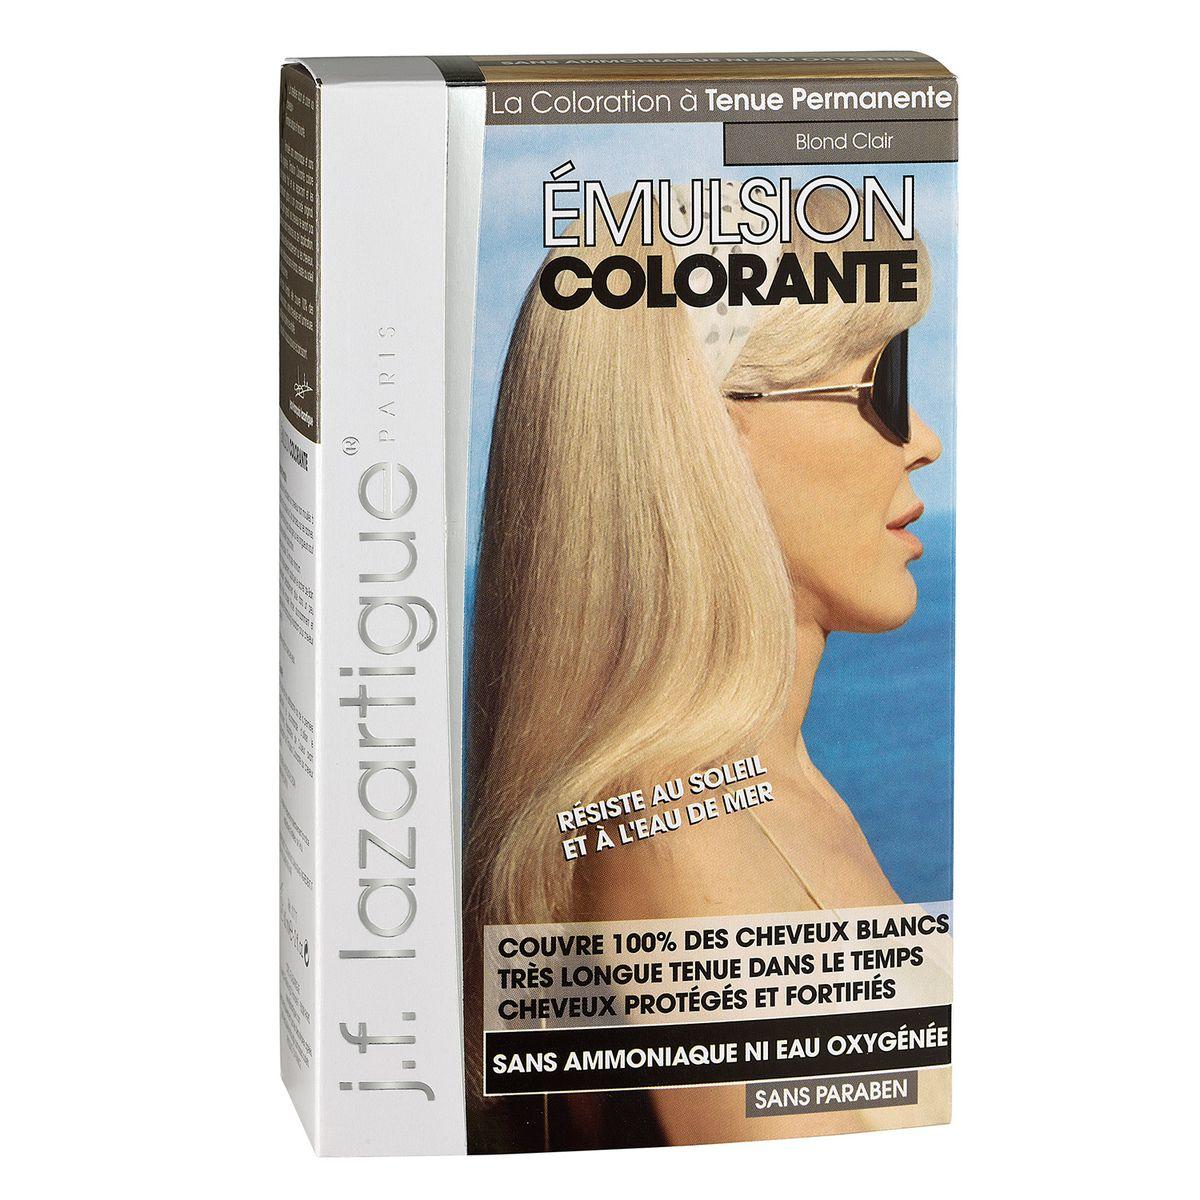 J.F.Lazartigue Оттеночная эмульсия для волос Светлый блондин 60 мл01717Благодаря оригинальной формуле полностью (на 100%) скрывает седину, длительное время сохраняет цвет, поддерживает здоровье и жизненную силу волос и сохраняет эти качества, несмотря на воздействие солнечных лучей, морской воды и прочих неблагоприятных экологических факторов. Не осветляет, не повреждает, а укрепляет волосы. Не содержит аммиака, перекиси водорода и парабенов. Не предназначена для окрашивания бровей и ресниц.